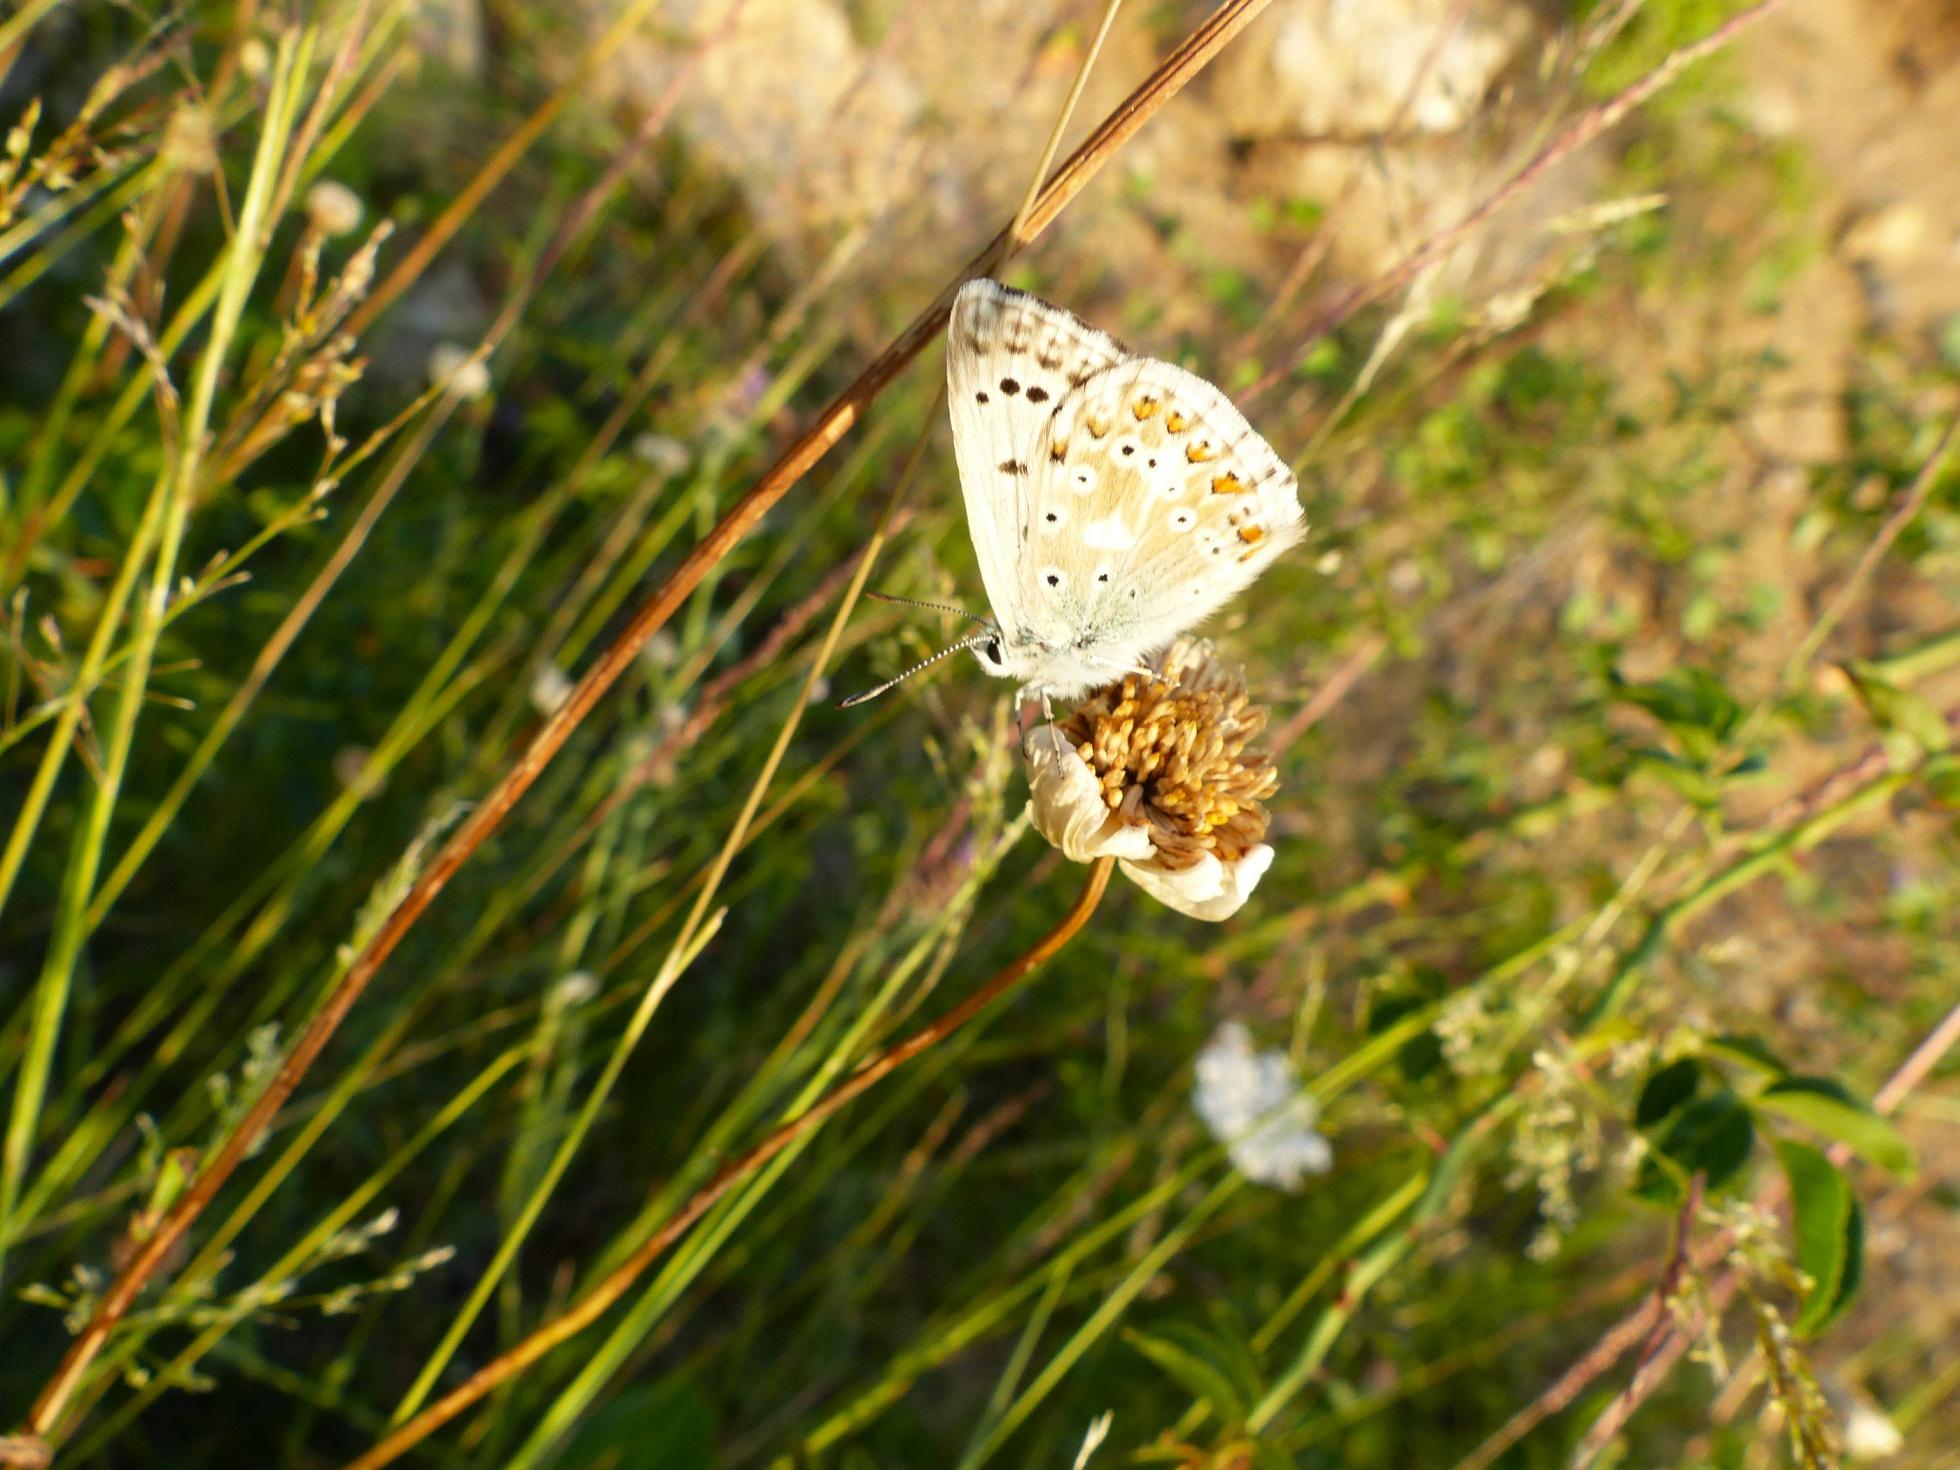 http://ekladata.com/BEwOzaZN8h-tmXU494lJmBJ0ejw/Le-Poil-30-07-2016-papillon.jpg